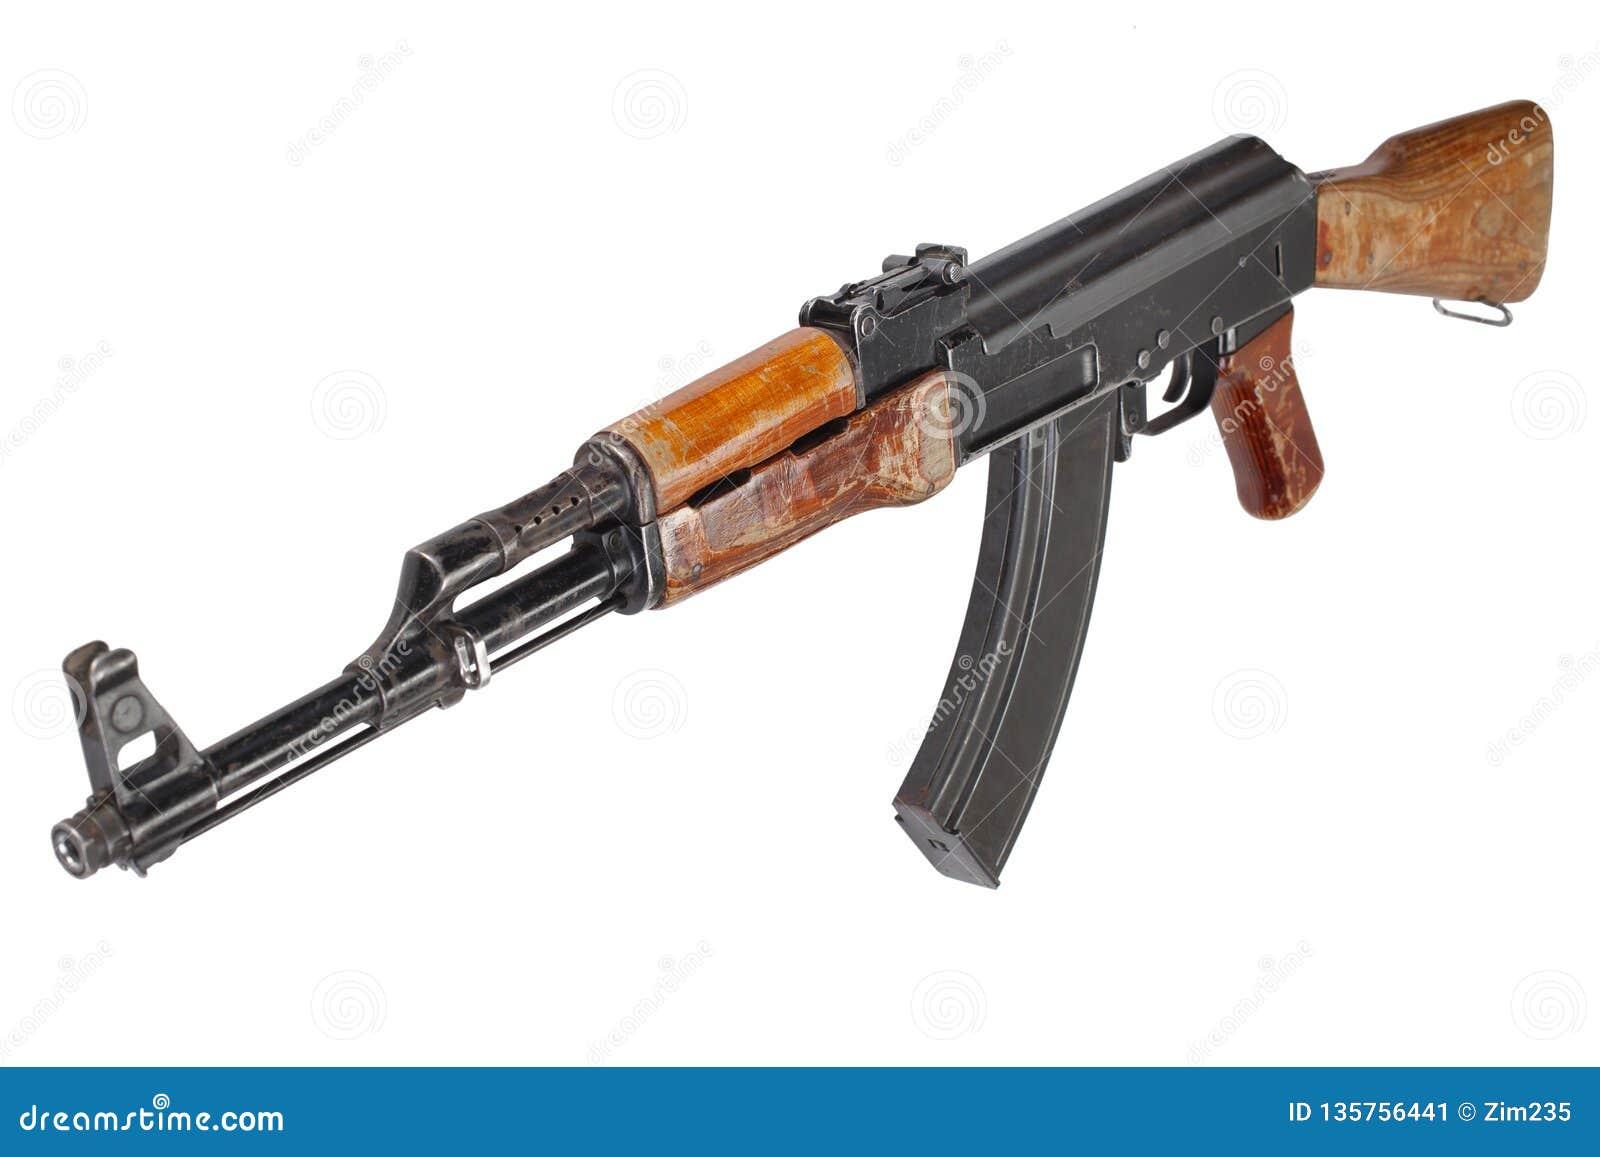 Sällsynt första modell AK - gevär för anfall 47